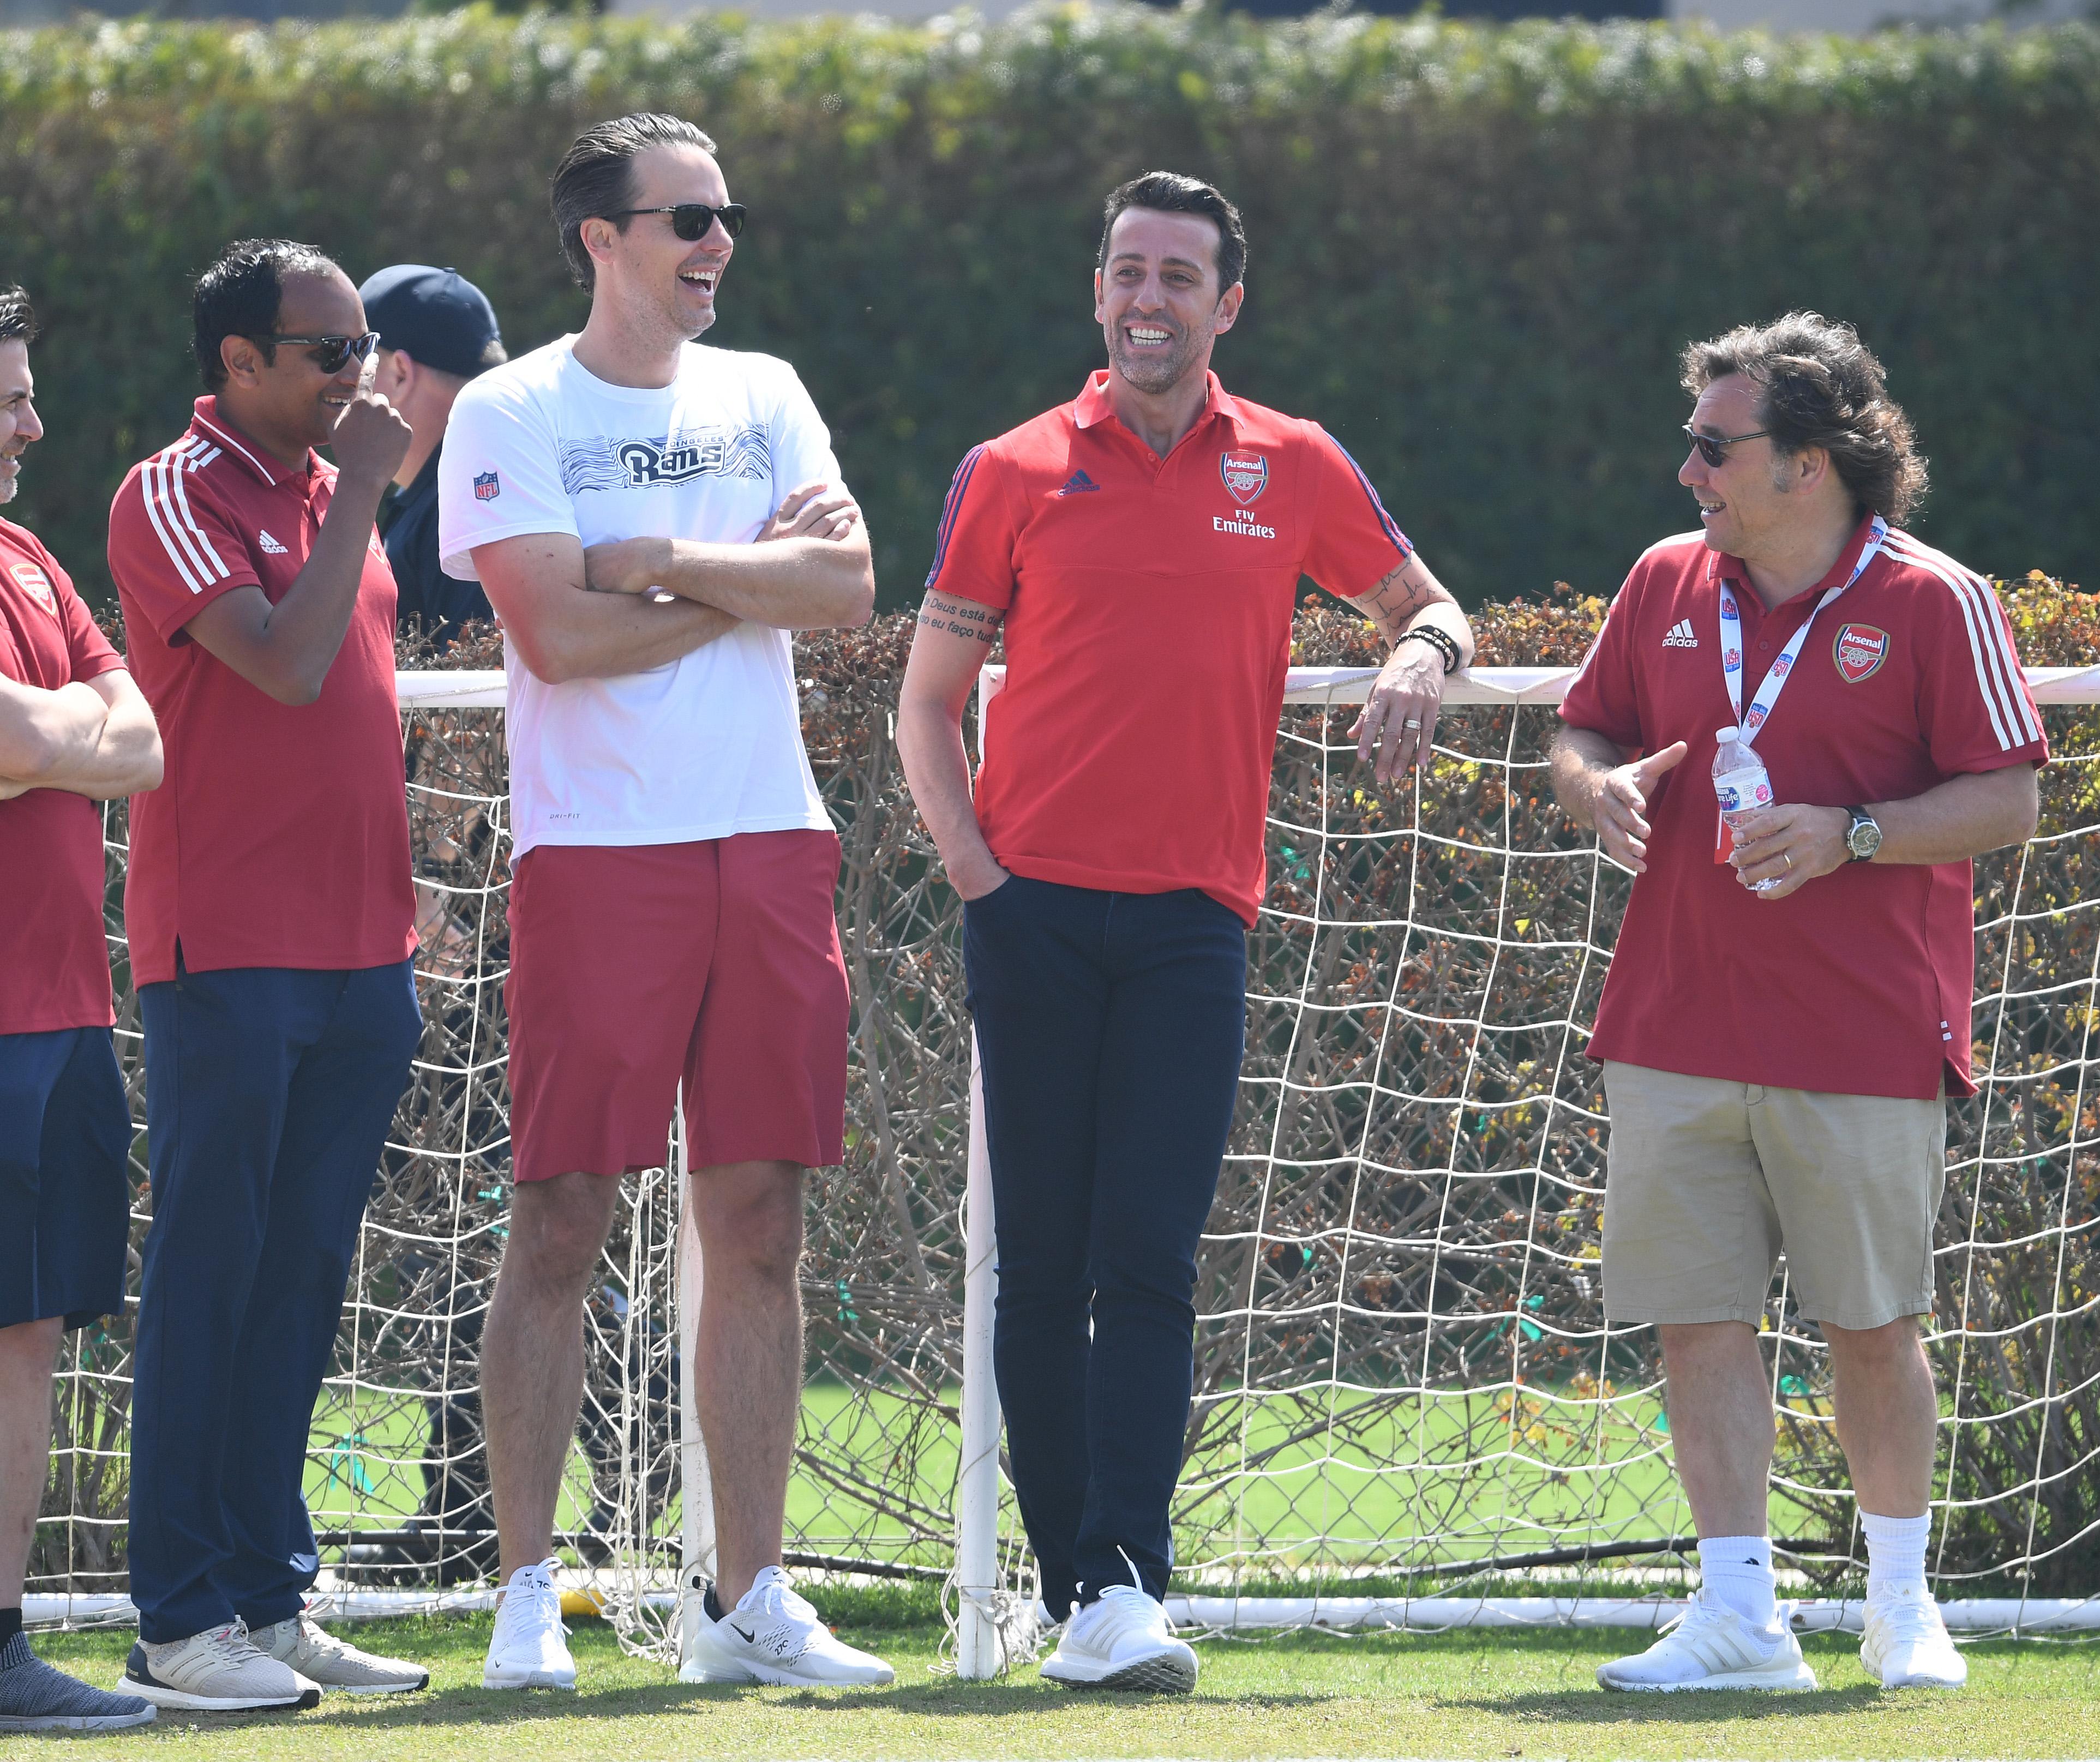 Arsenal Pre-Season Tour of the United States